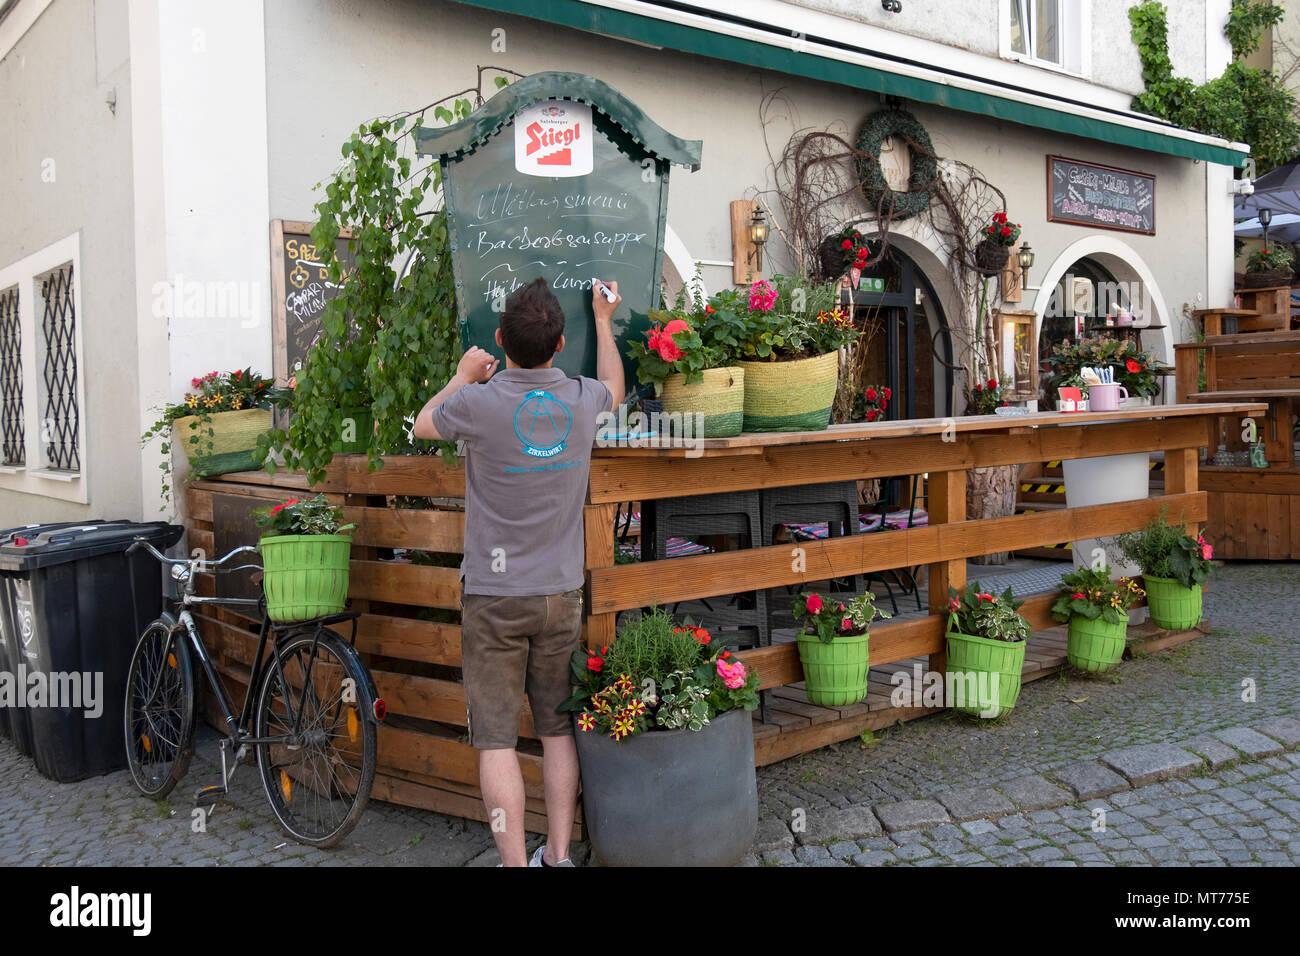 Un camarero en el restaurante Zirkelwirt puestos en Salzburgo, Austria el menú diario ofertas en una pizarra fuera del restaurante. Foto de stock